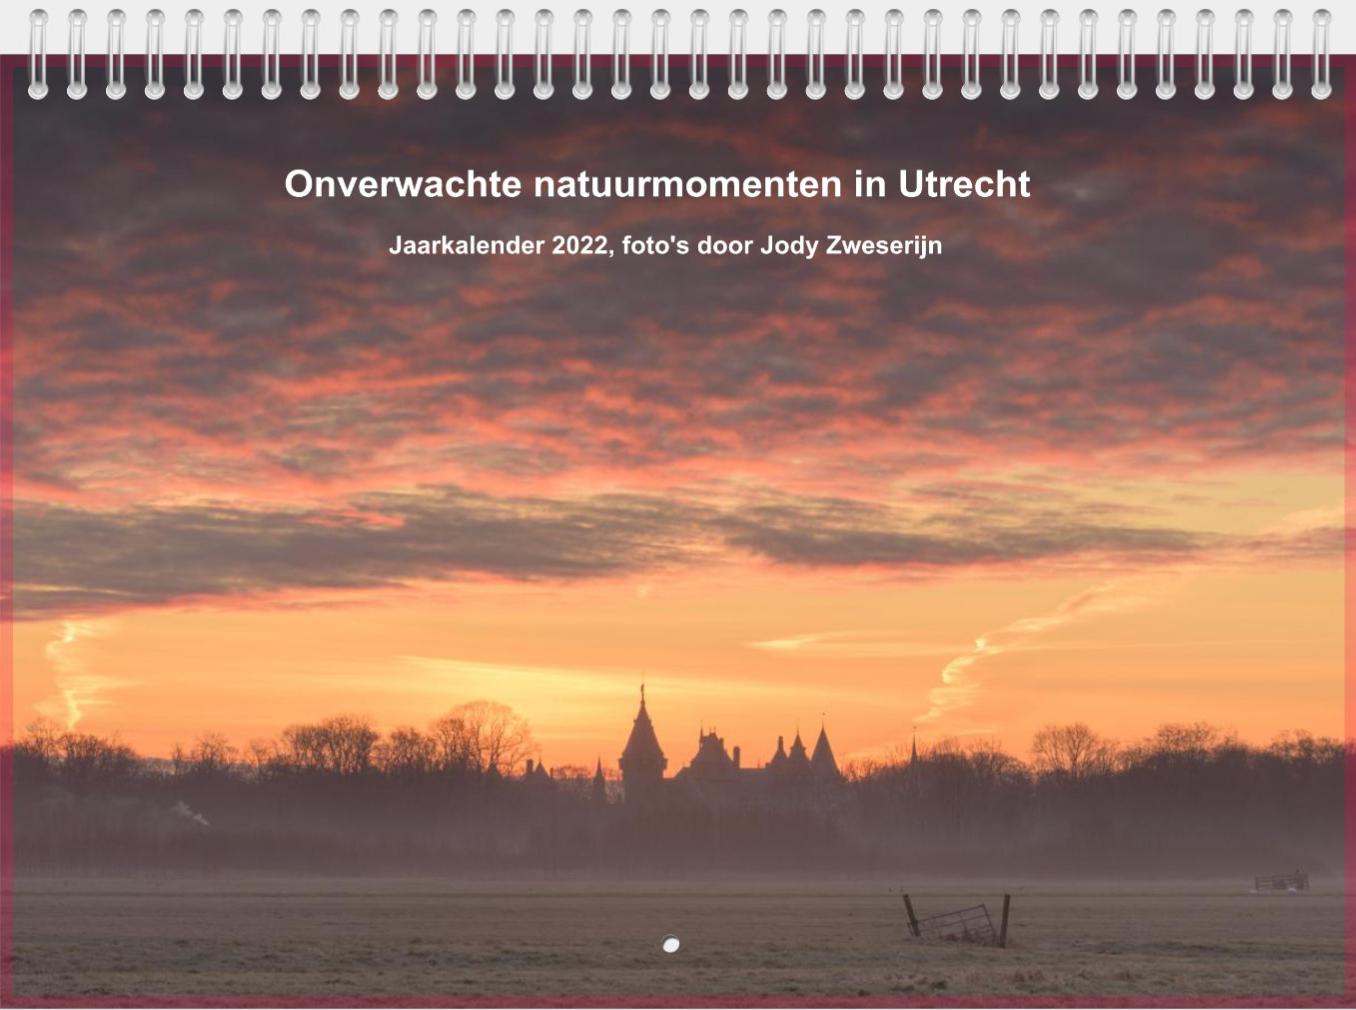 jaarkalender 2022 Onverwachte Natuurmomenten